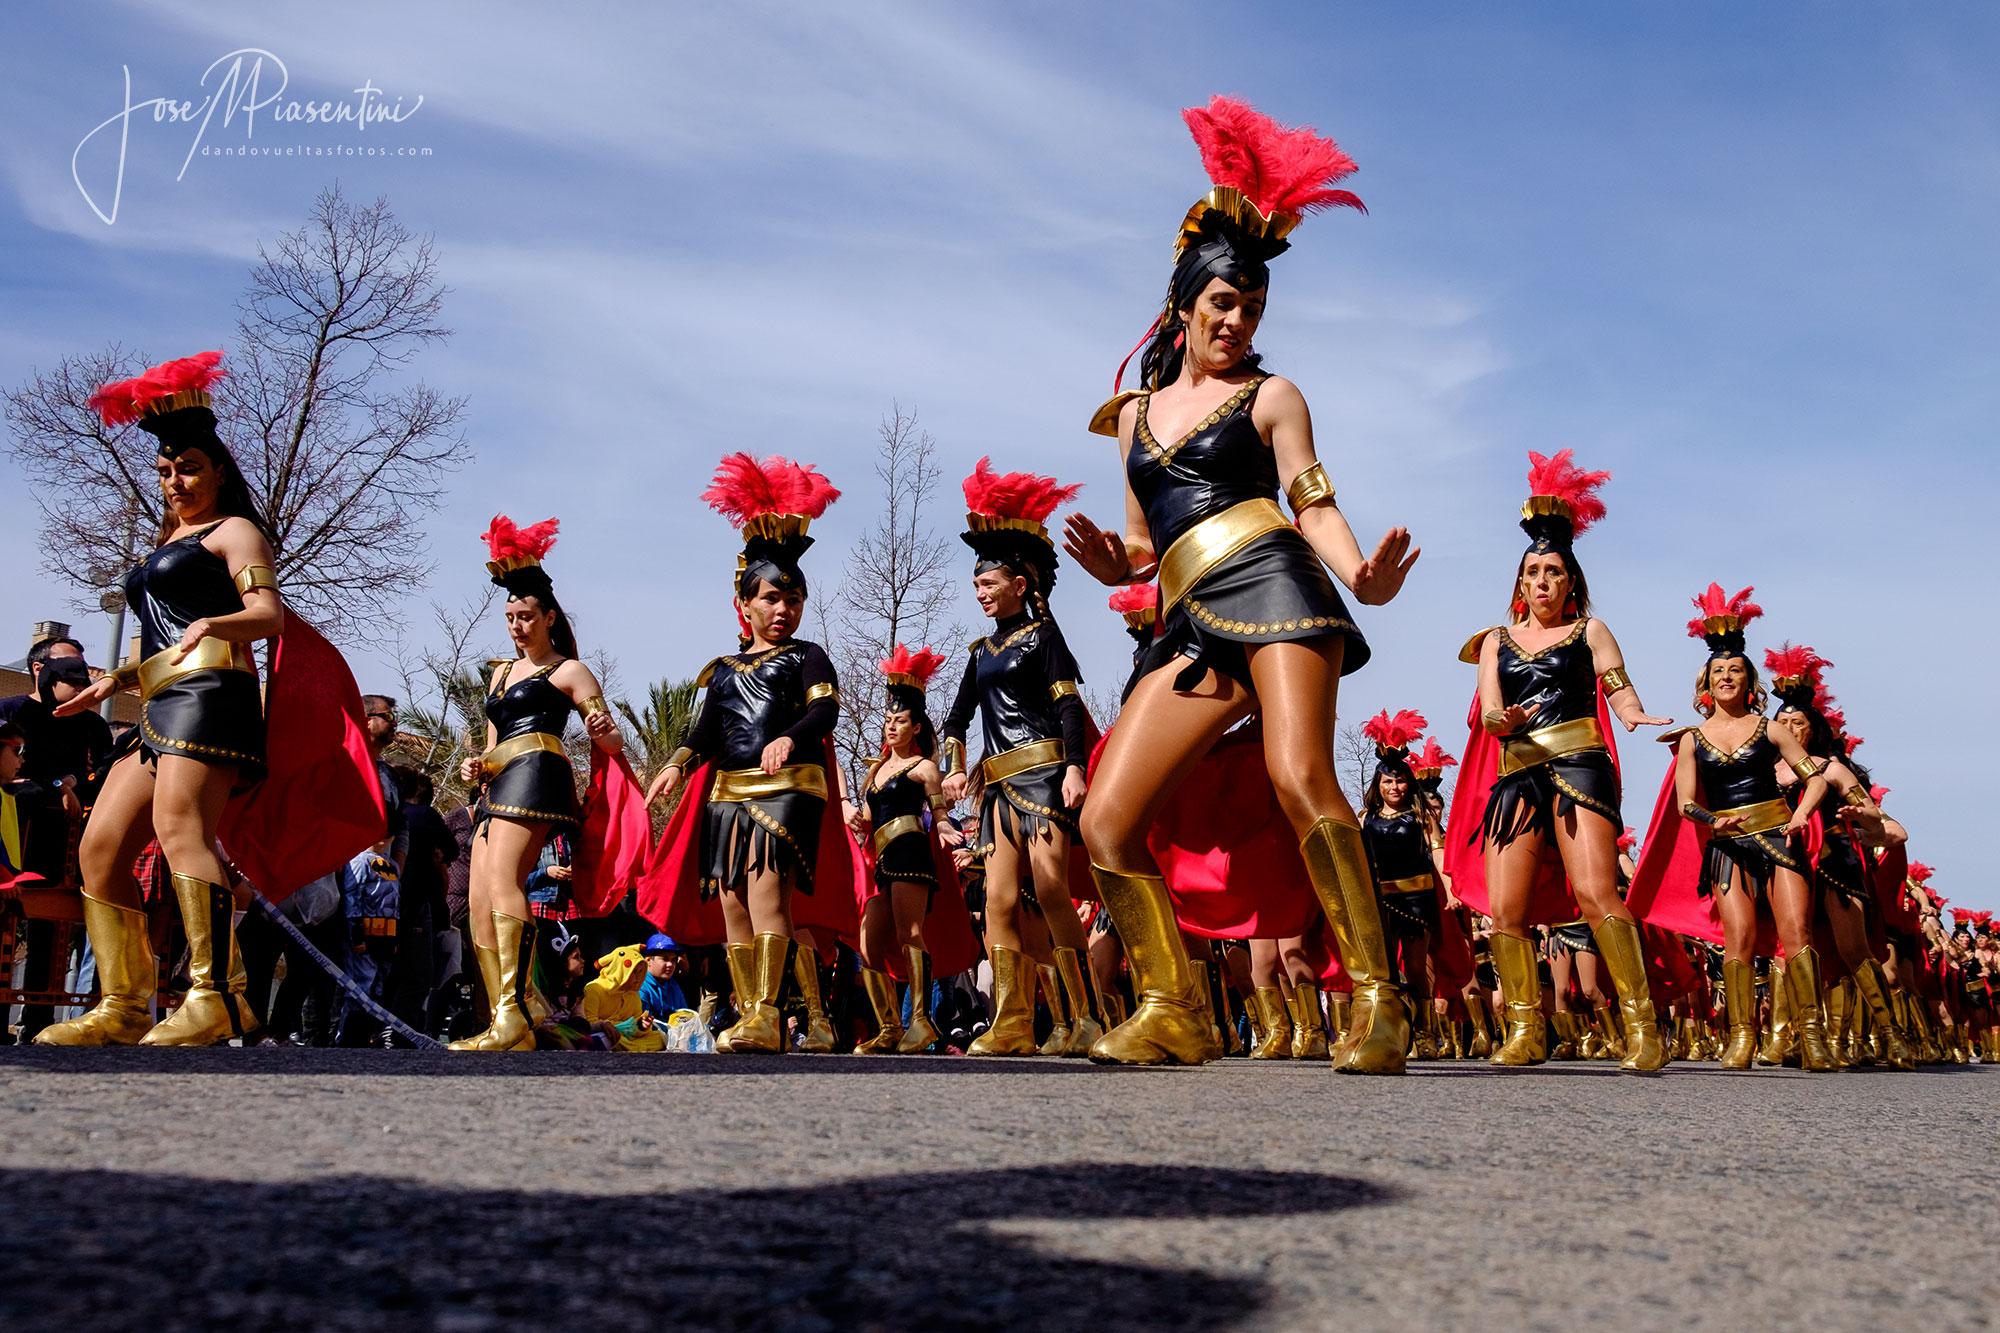 Carrozas carnaval cataluña Els Monjos